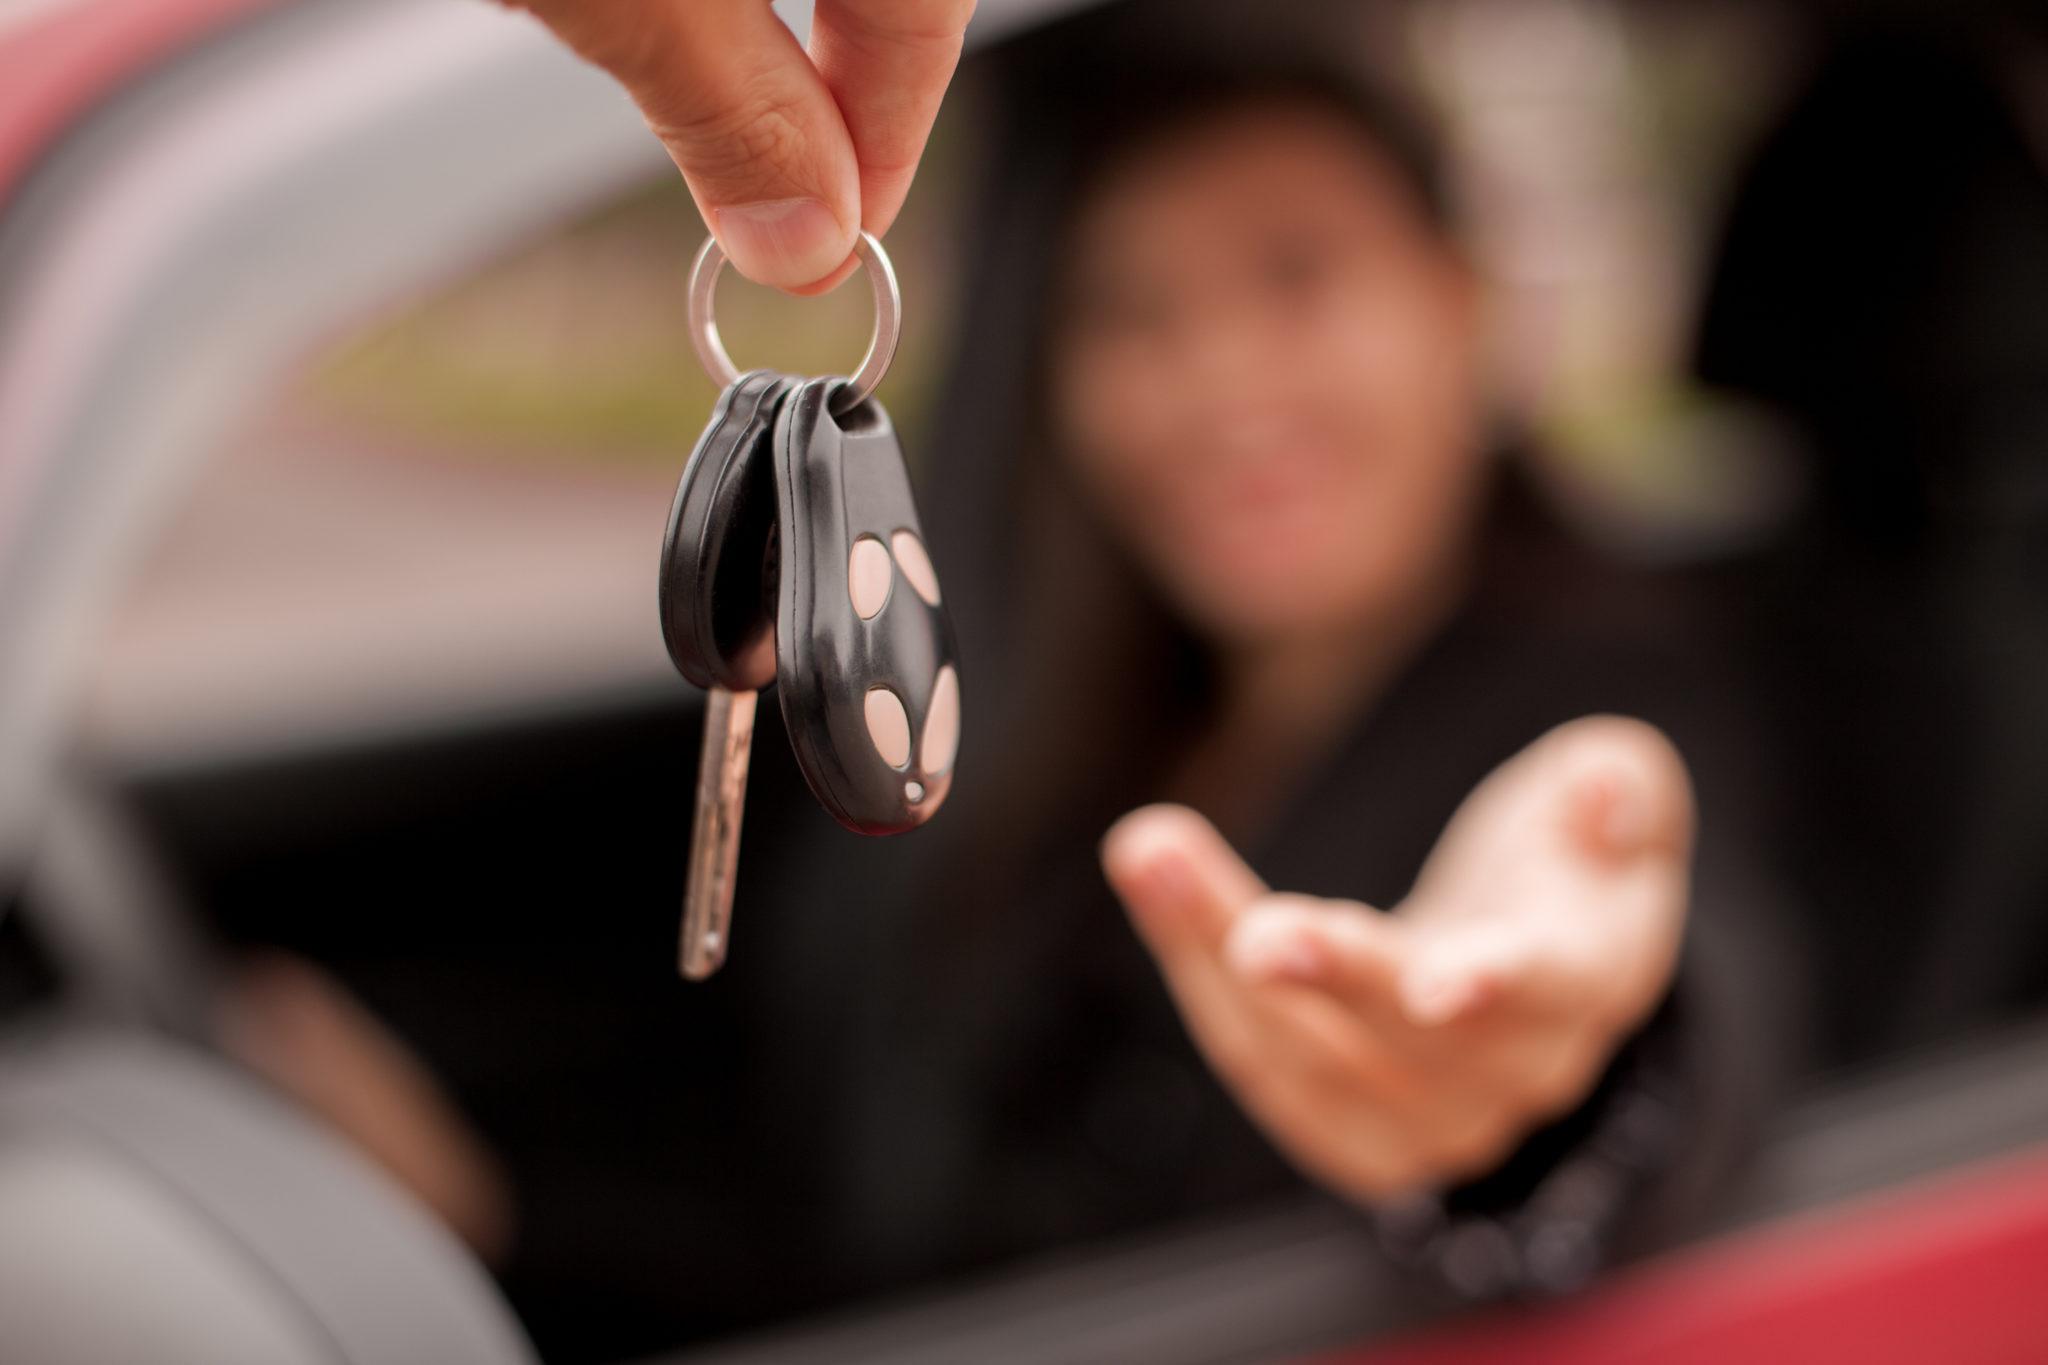 showroom dealer gives car keys to the buyer